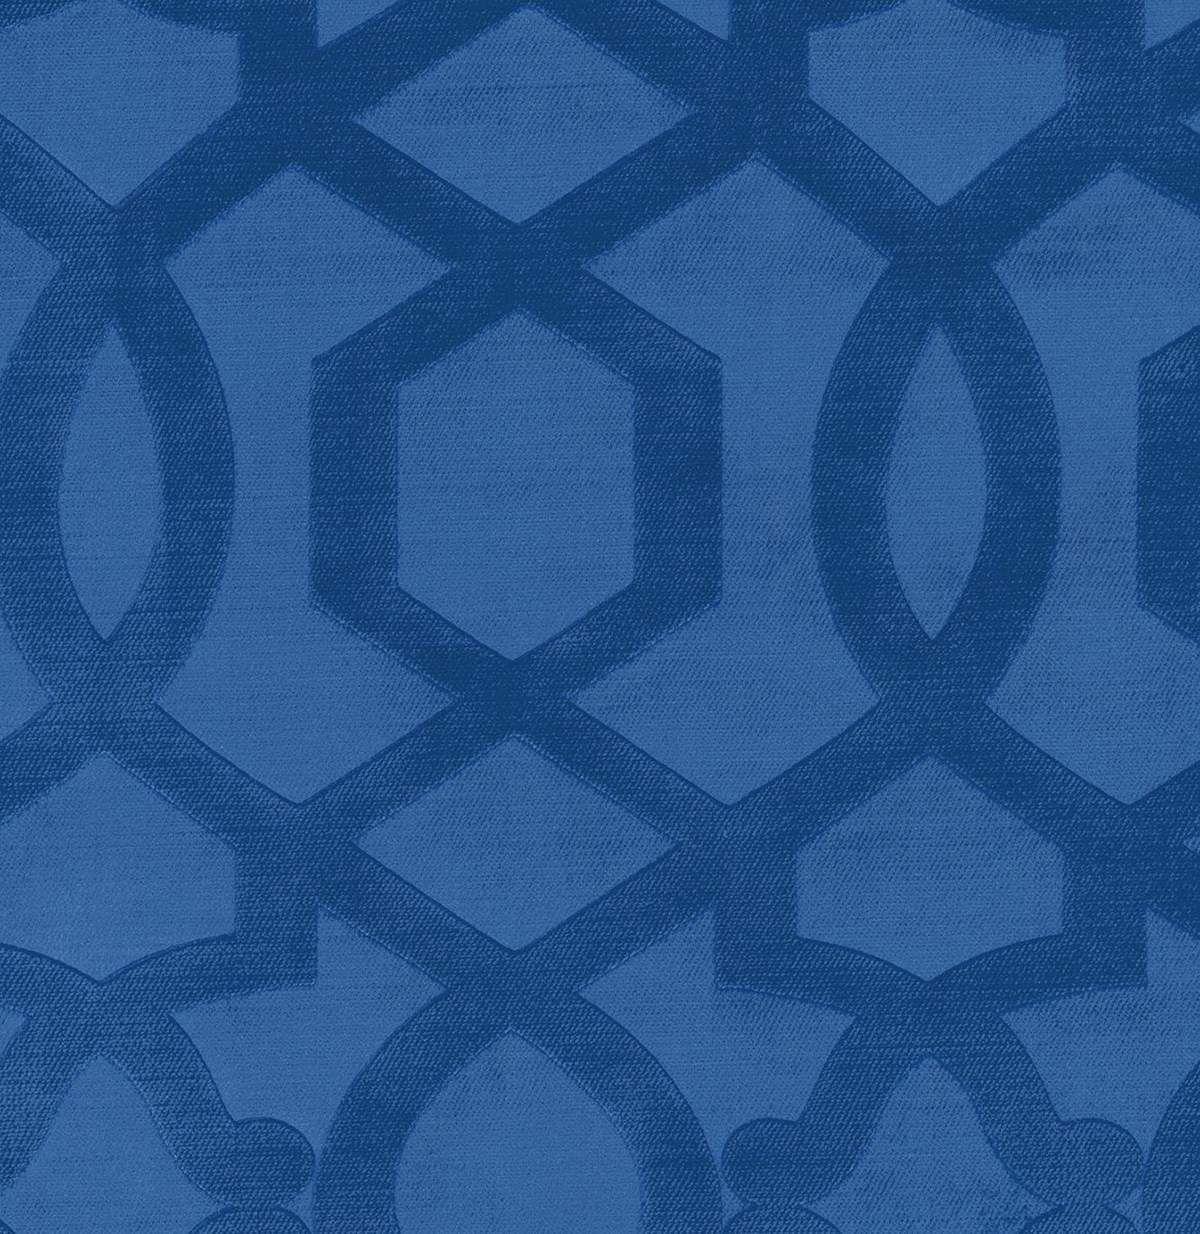 Upholstery Fabric- IMAN Sultana Velvet Lapis | JOANN